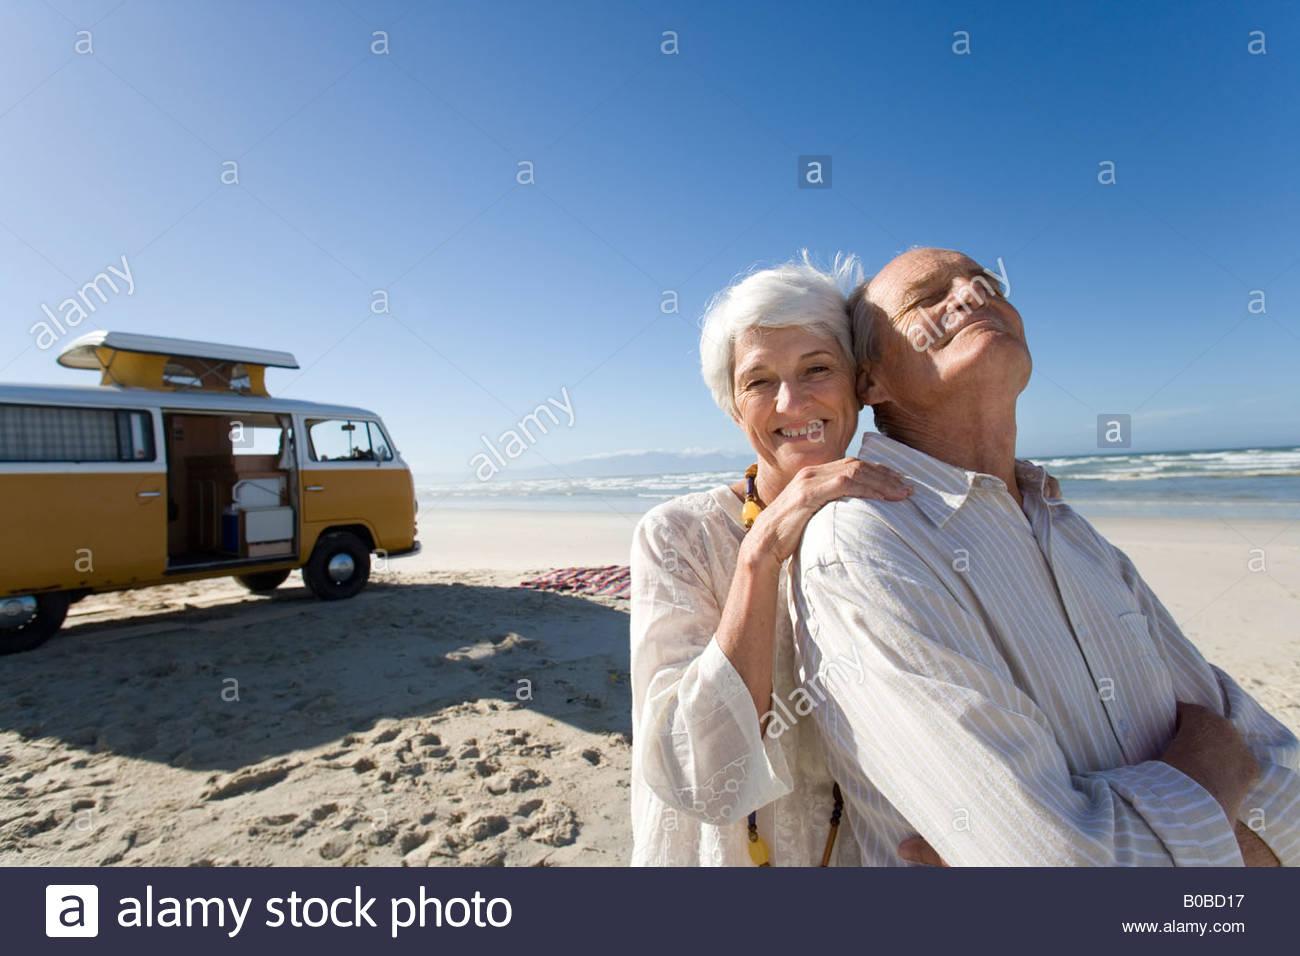 Ältere Frau umarmt senior Mann von hinten am Strand von Wohnmobil, Lächeln, Porträt Stockbild